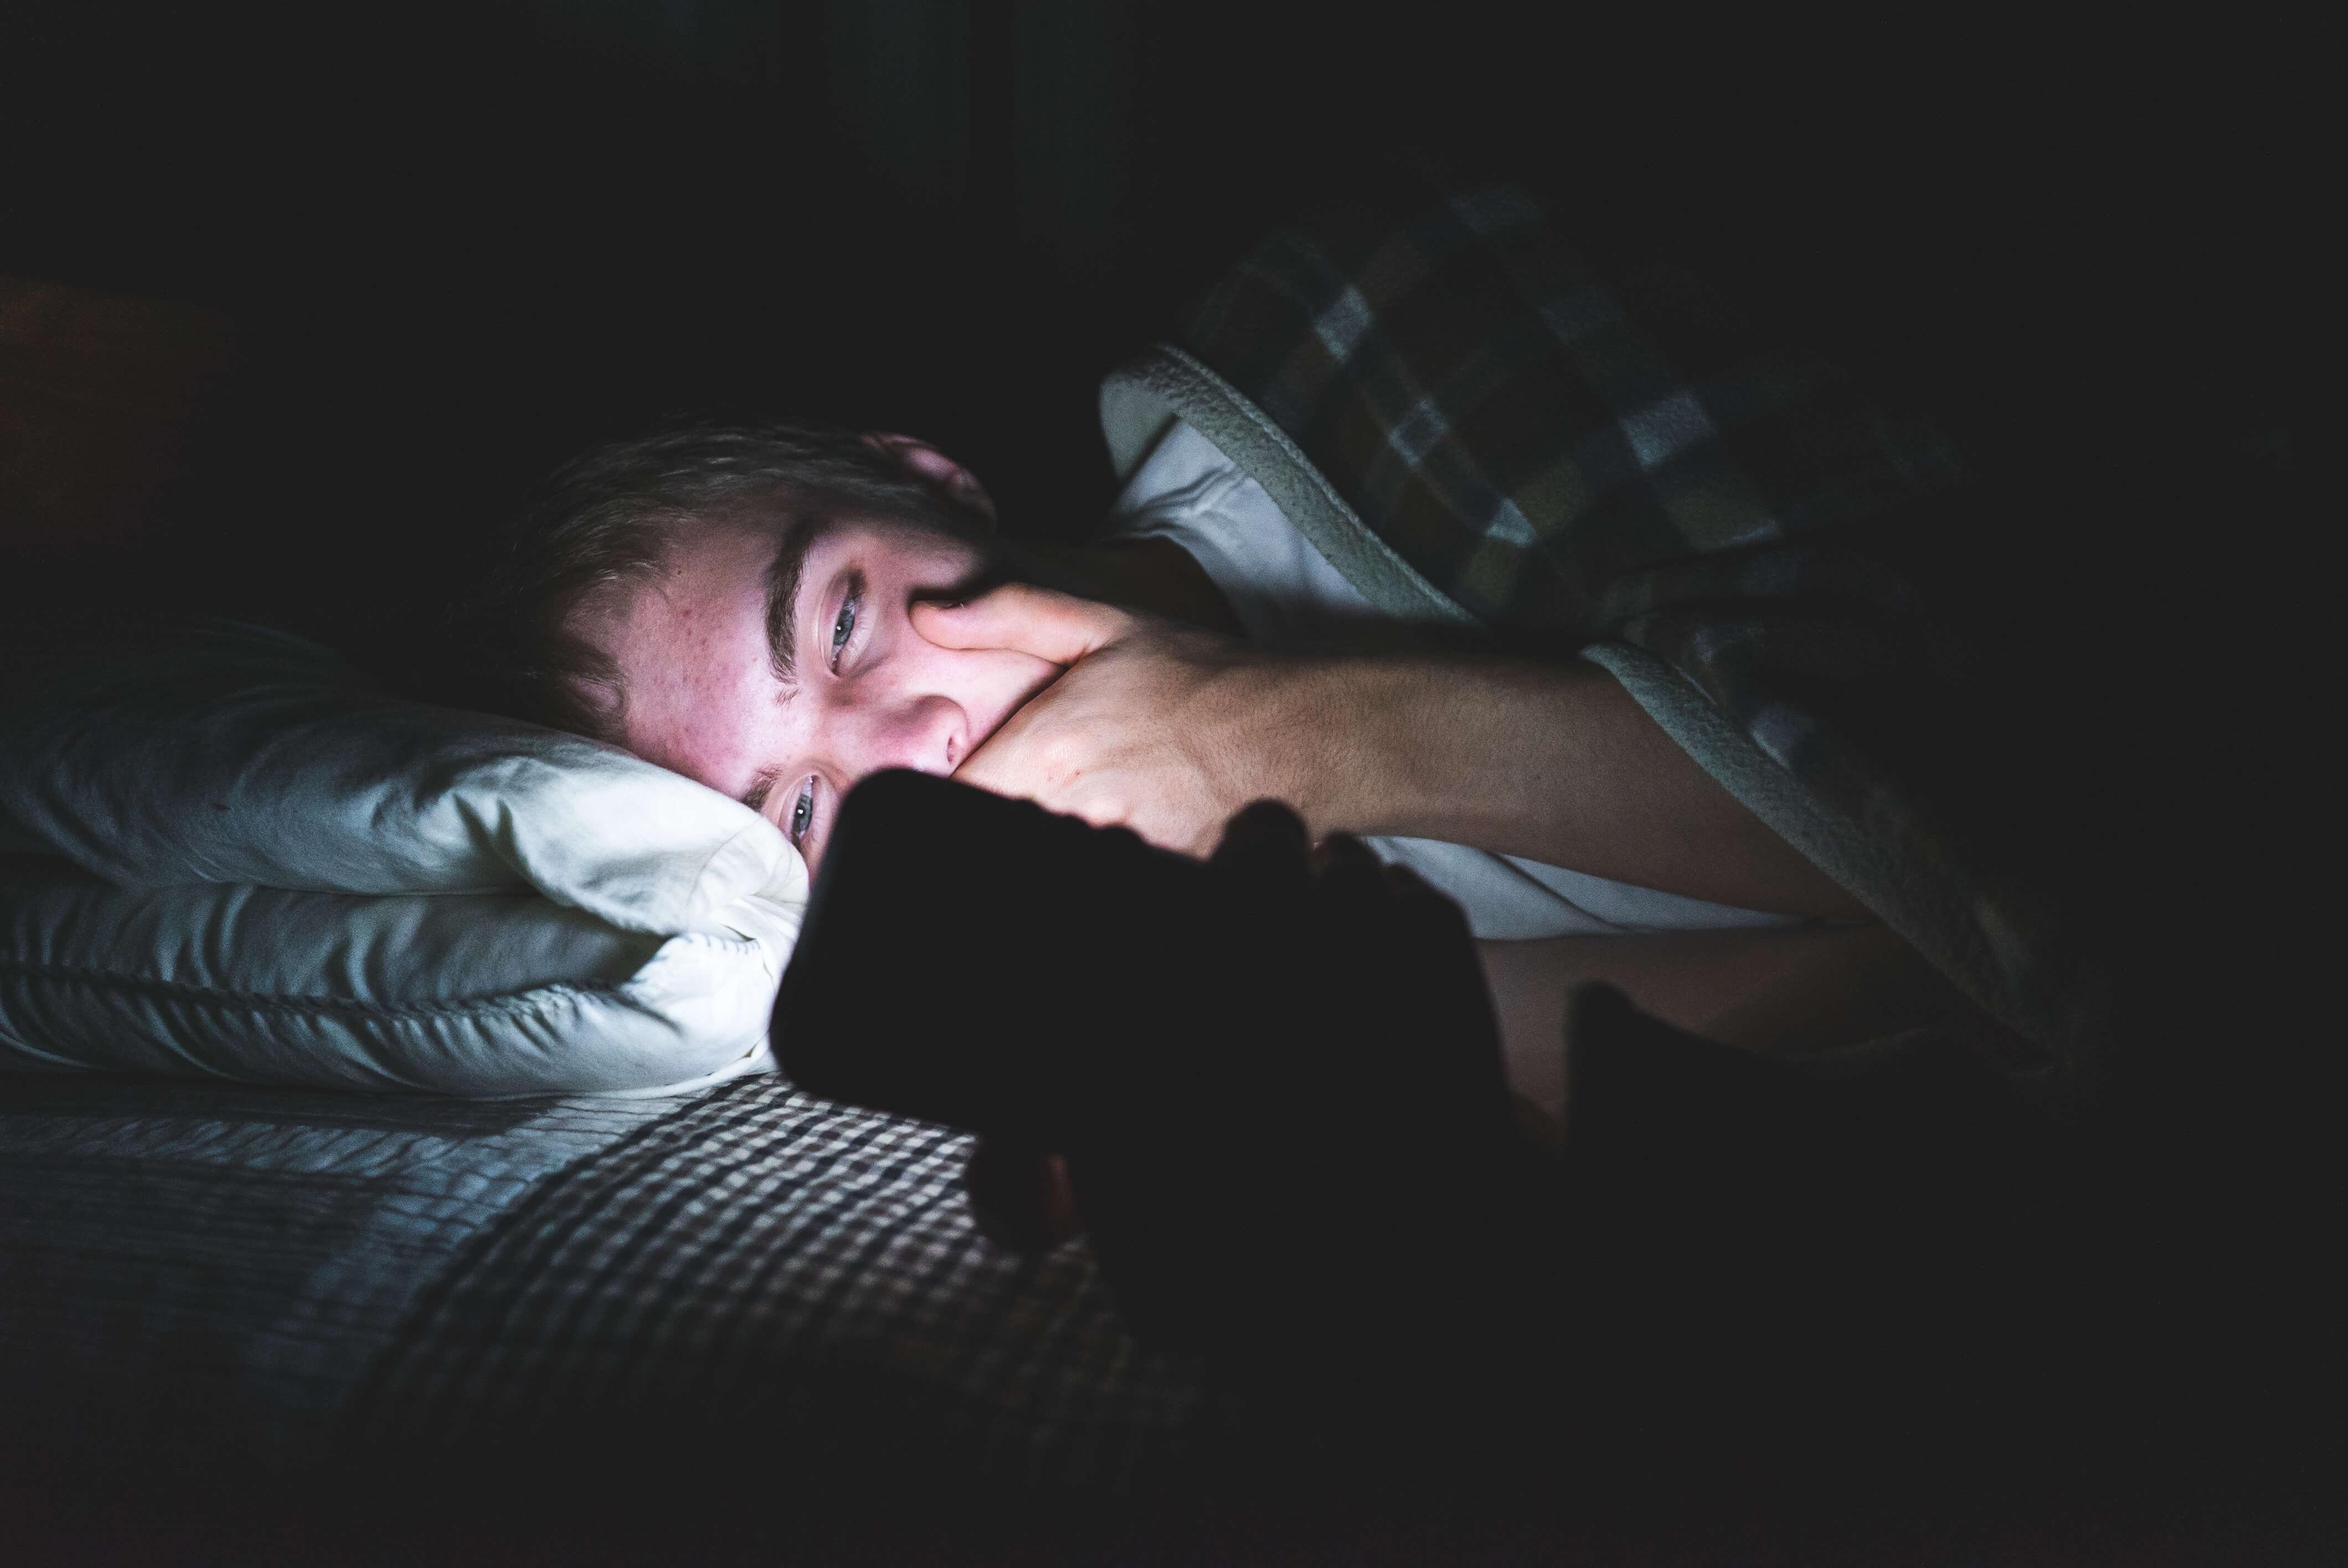 Mann mit Smartphone nachts im Bett